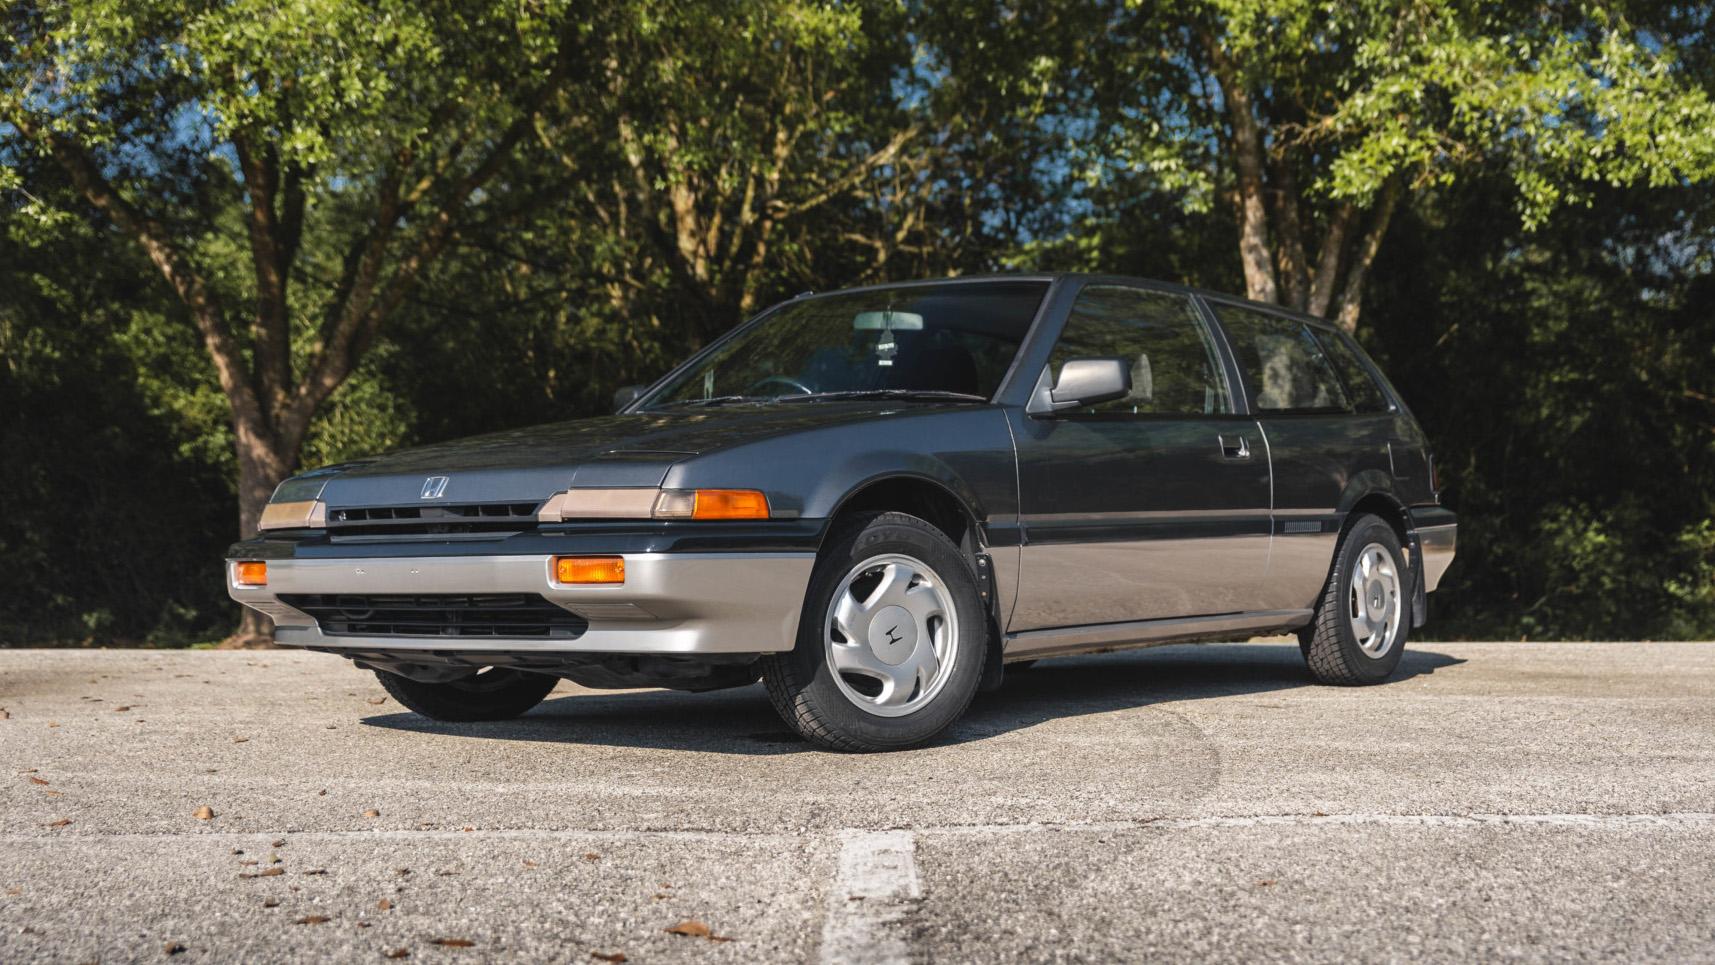 Kelebihan Kekurangan Honda Accord 1986 Harga